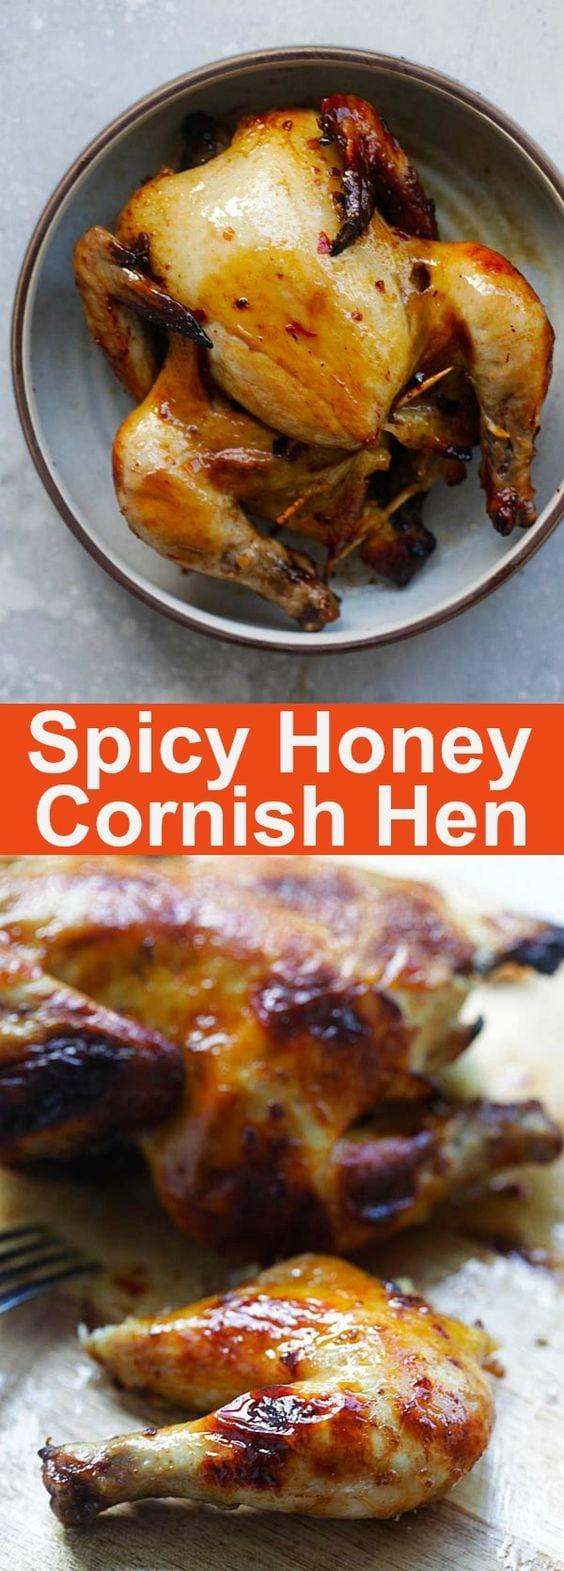 Spicy Honey Roasted Cornish Hen - tender, juicy and perfectly roasted Cornish Hen with honey and spices. So good you'll eat the whole bird | rasamalaysia.com